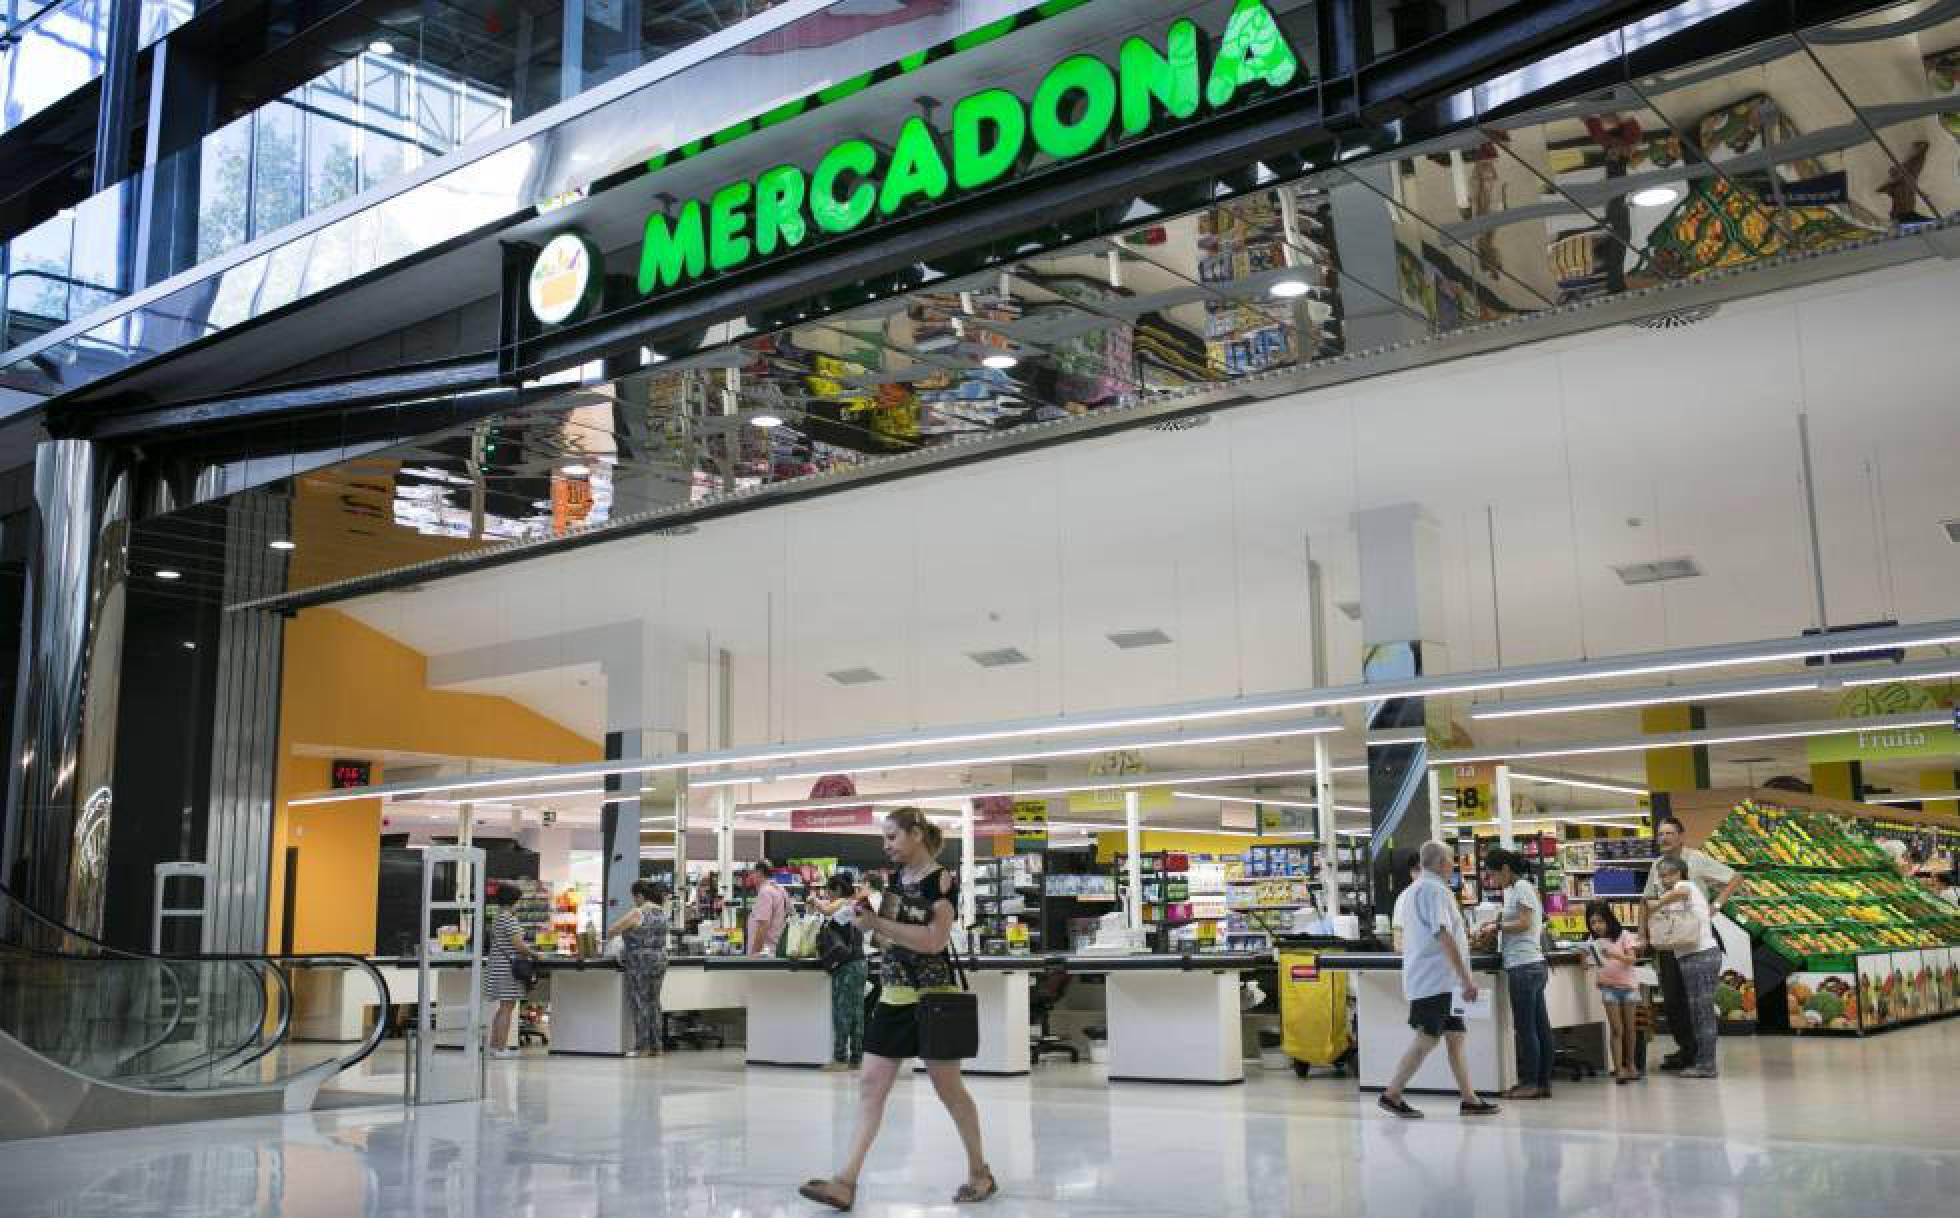 mercadona 231 - La apuesta de Mercadona por impulsar nuevos productos en España